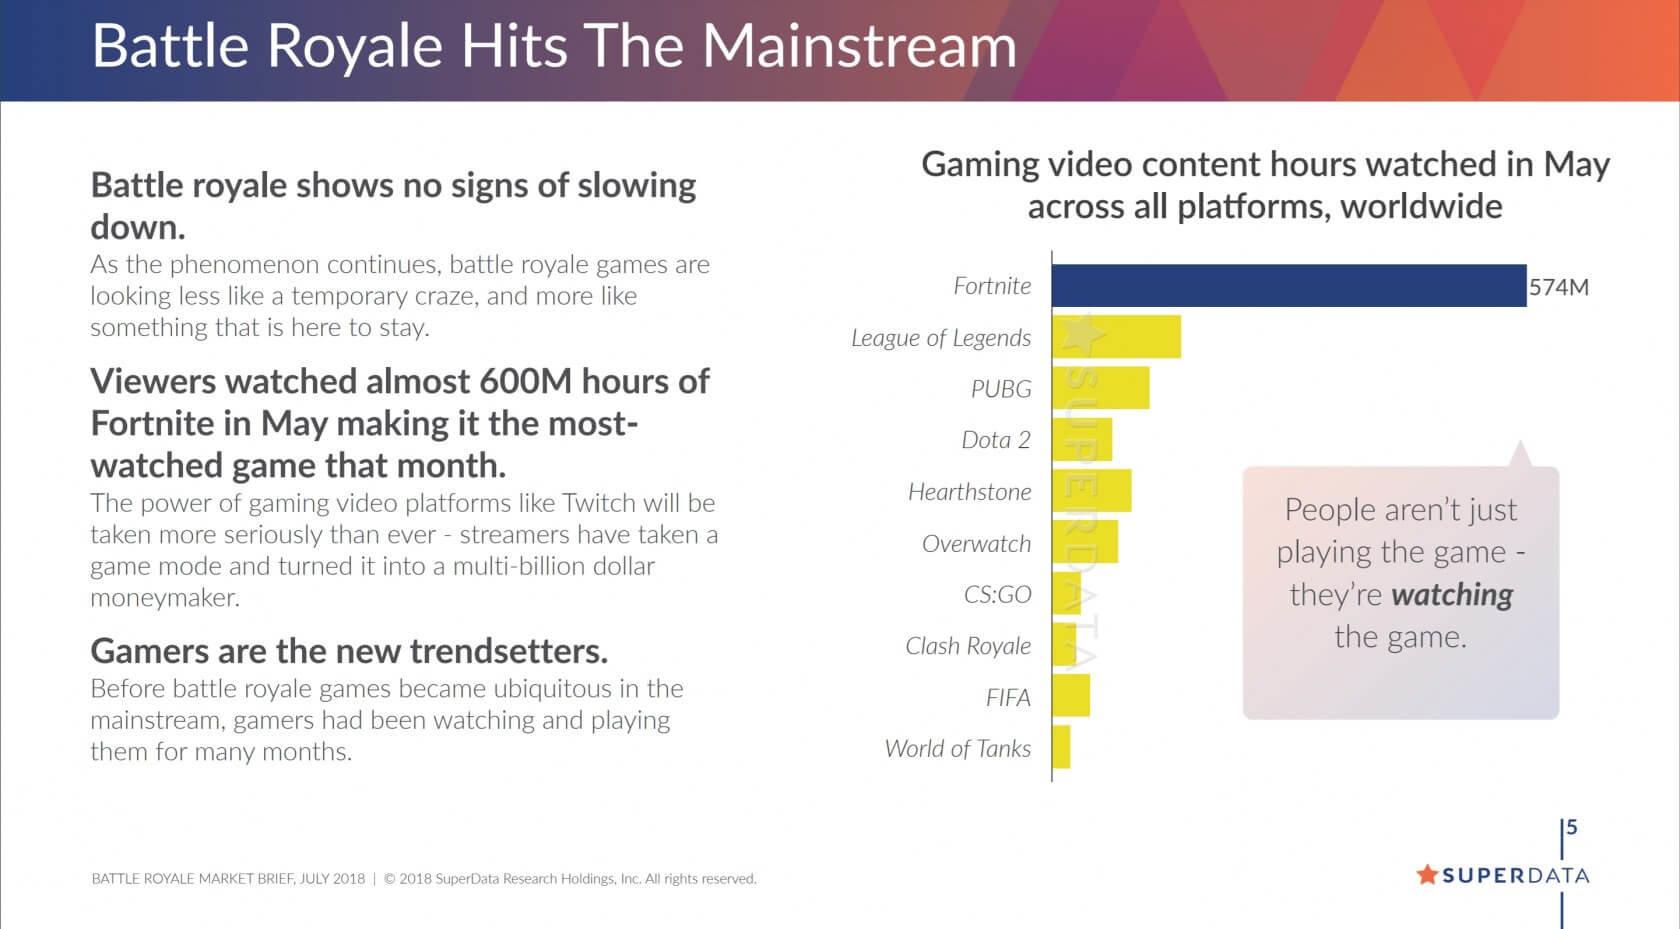 Stunden an Spieleübertragungen im Vergleich